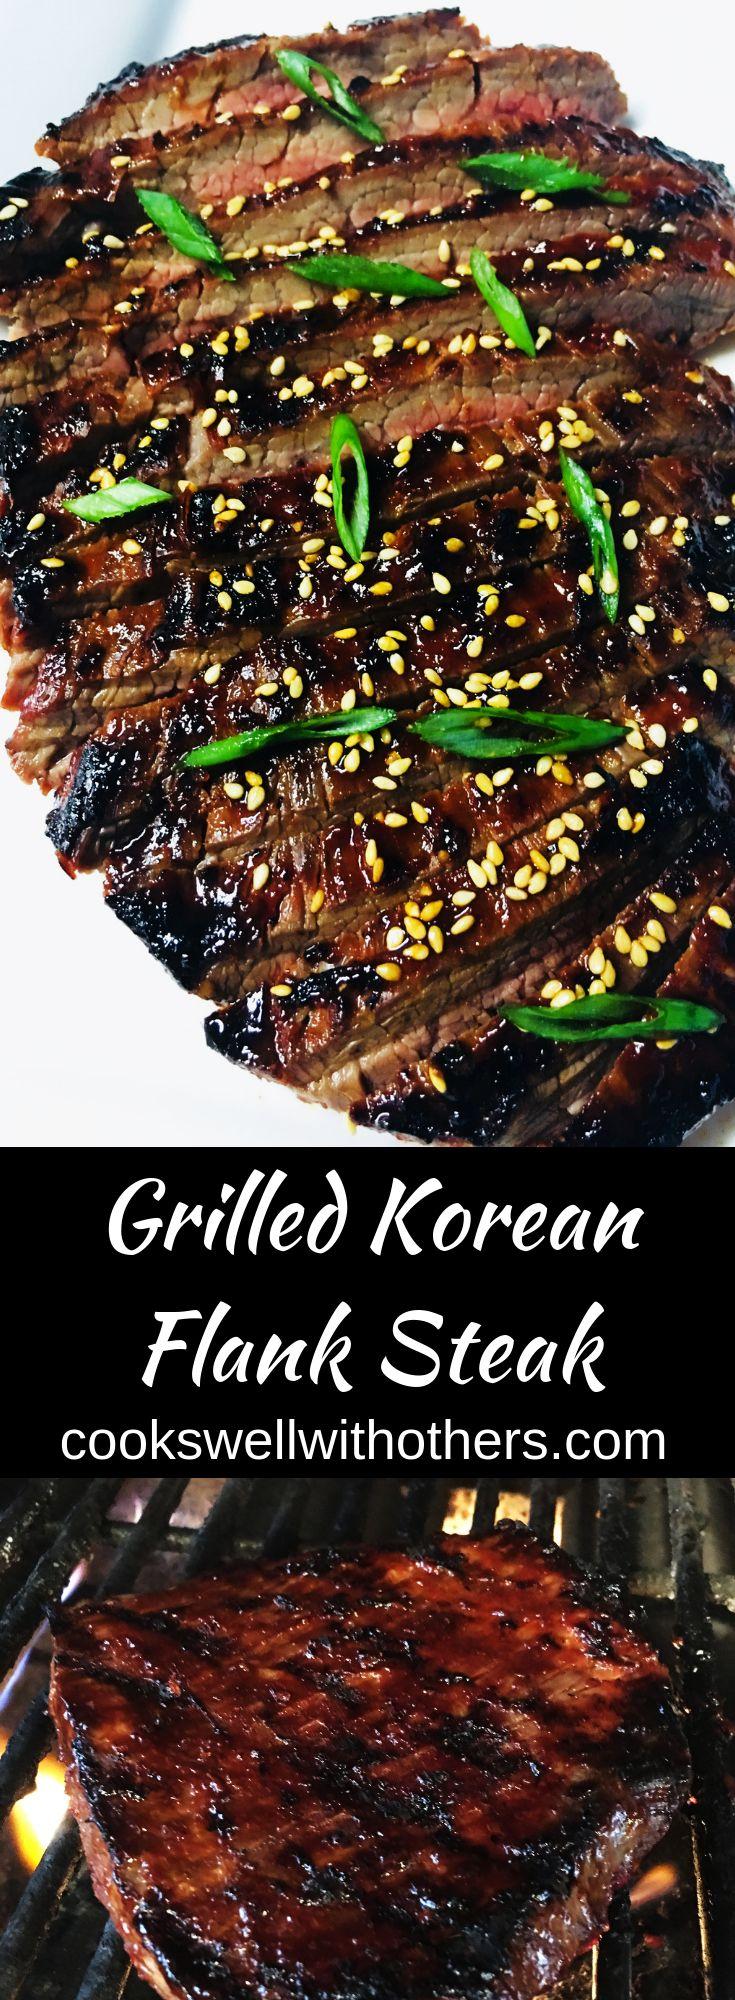 Grilled Korean Flank Steak